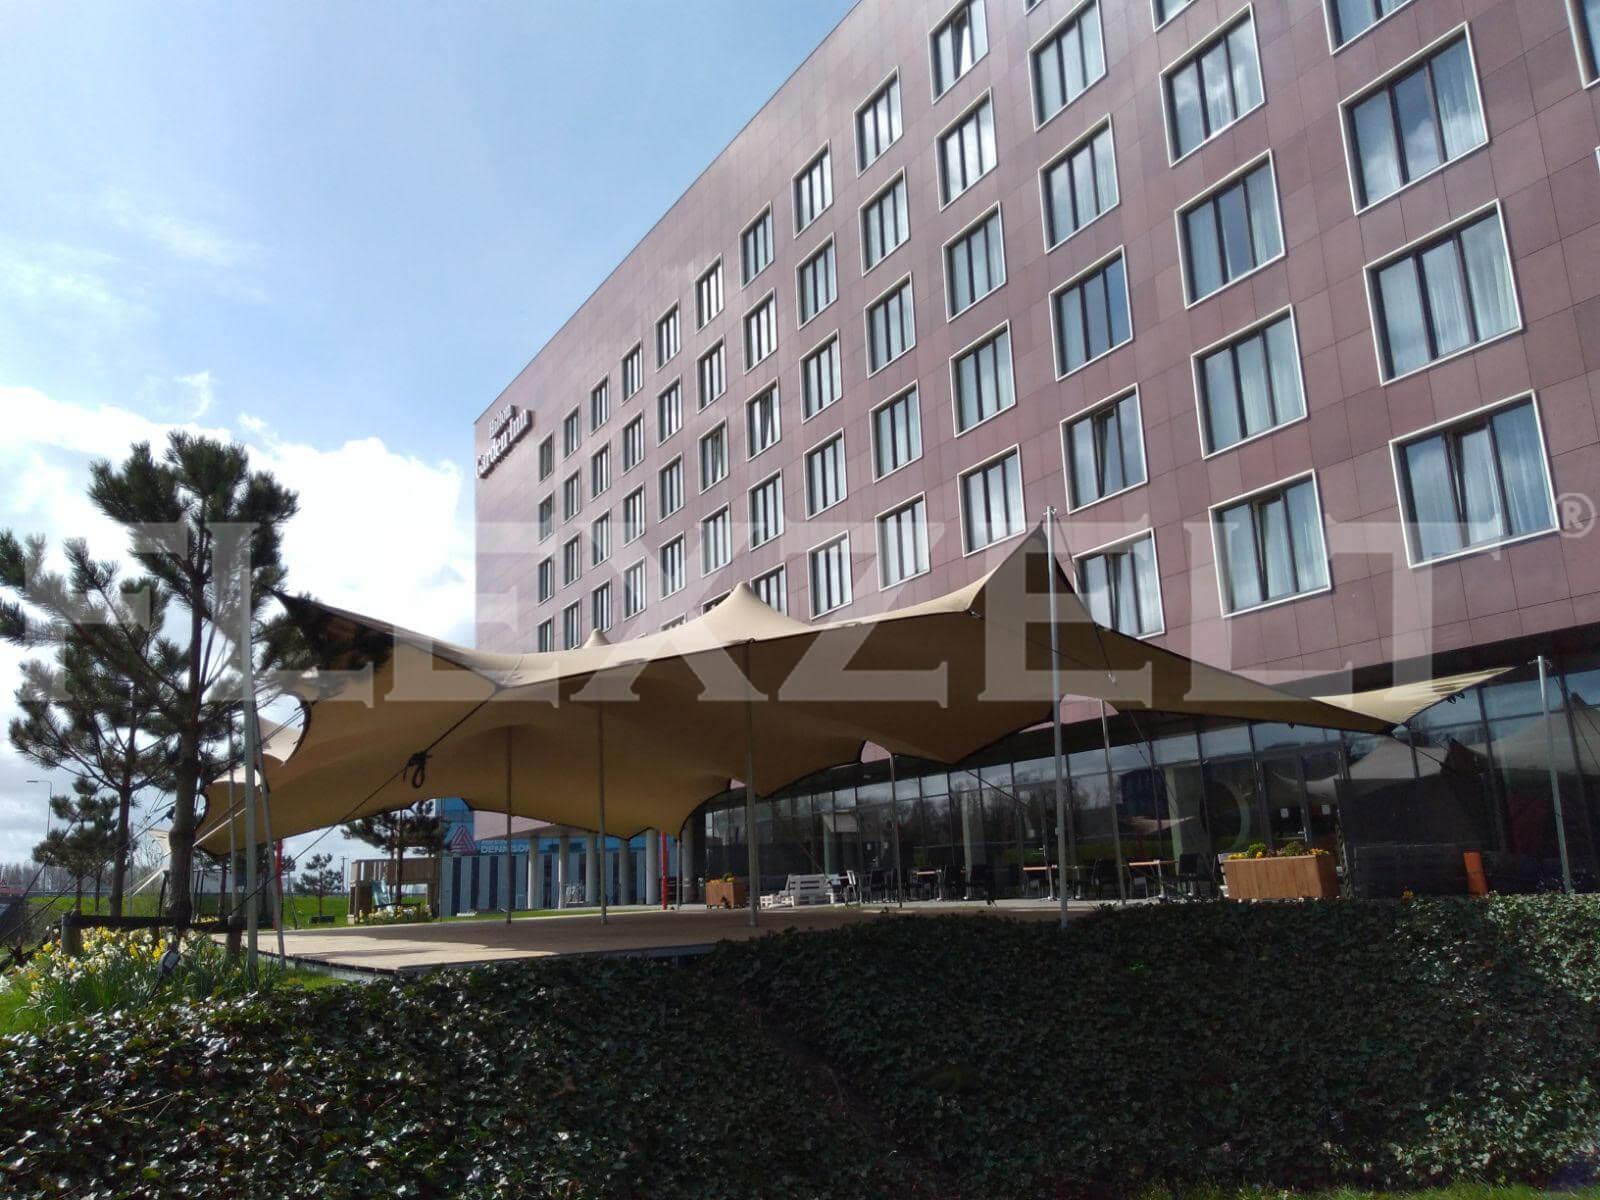 Flexzelft - Flextent - Hotel Hilton - Voorbeeld